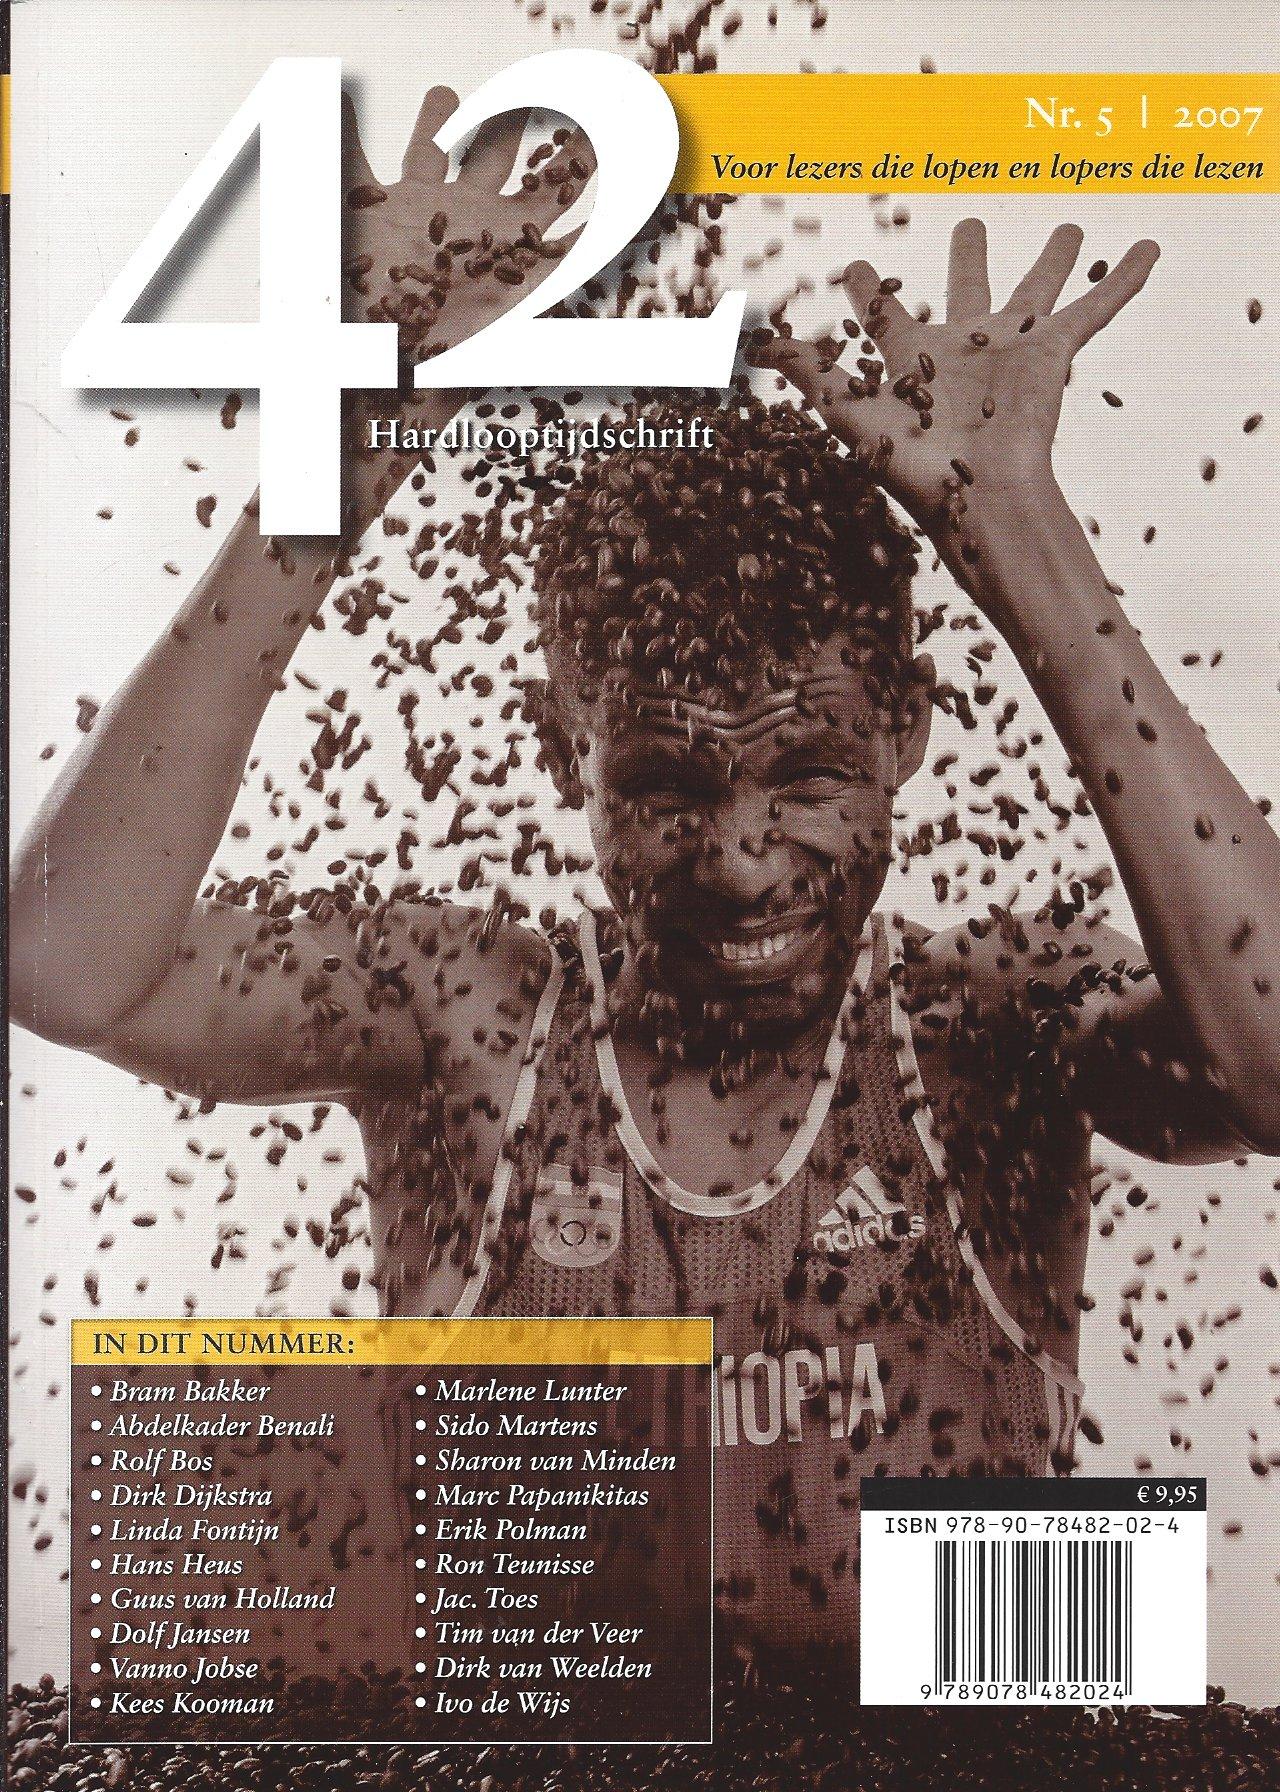 Redactie - 42 - Hardlooptijdschrift - Nr. 5